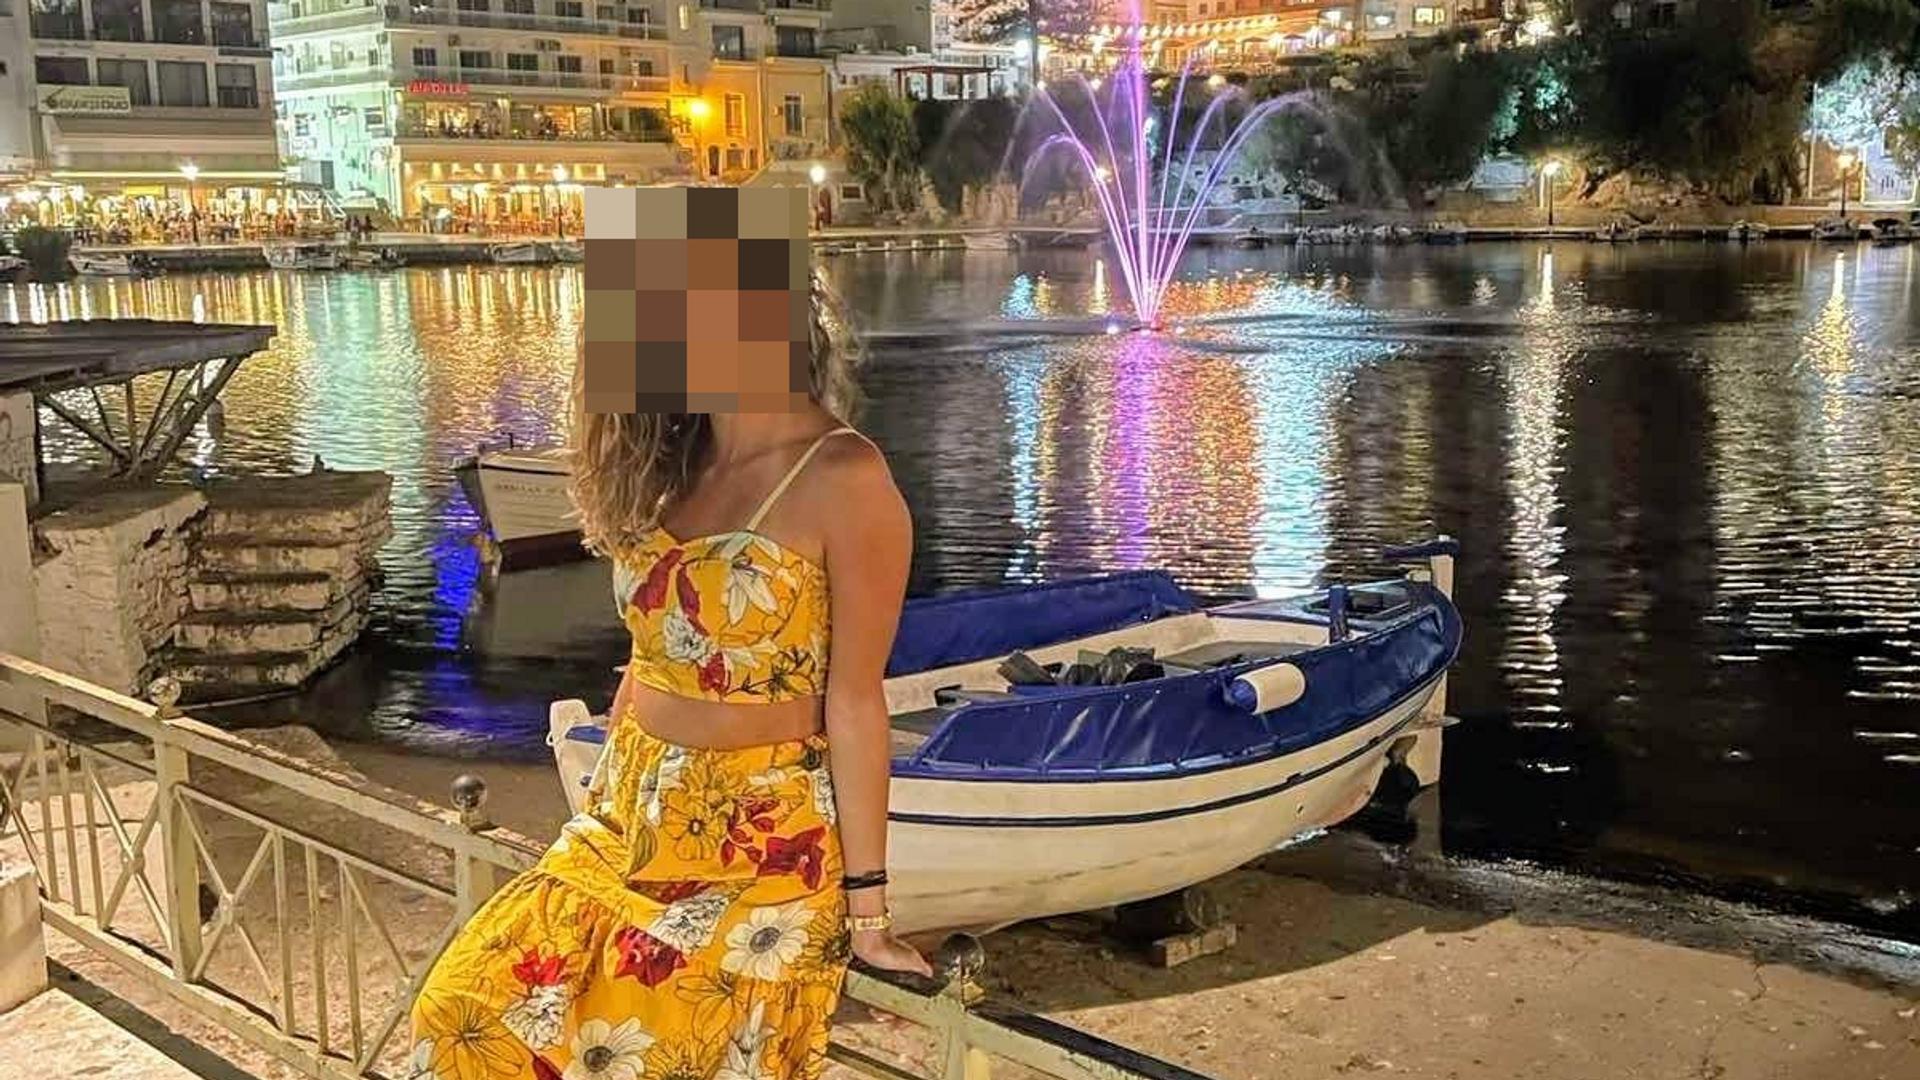 Έγκλημα στη Ρόδο: Αυτή είναι η 31χρονη δασκάλα που σκότωσε ο πρώην φίλος της - Sputnik Ελλάδα, 1920, 23.09.2021